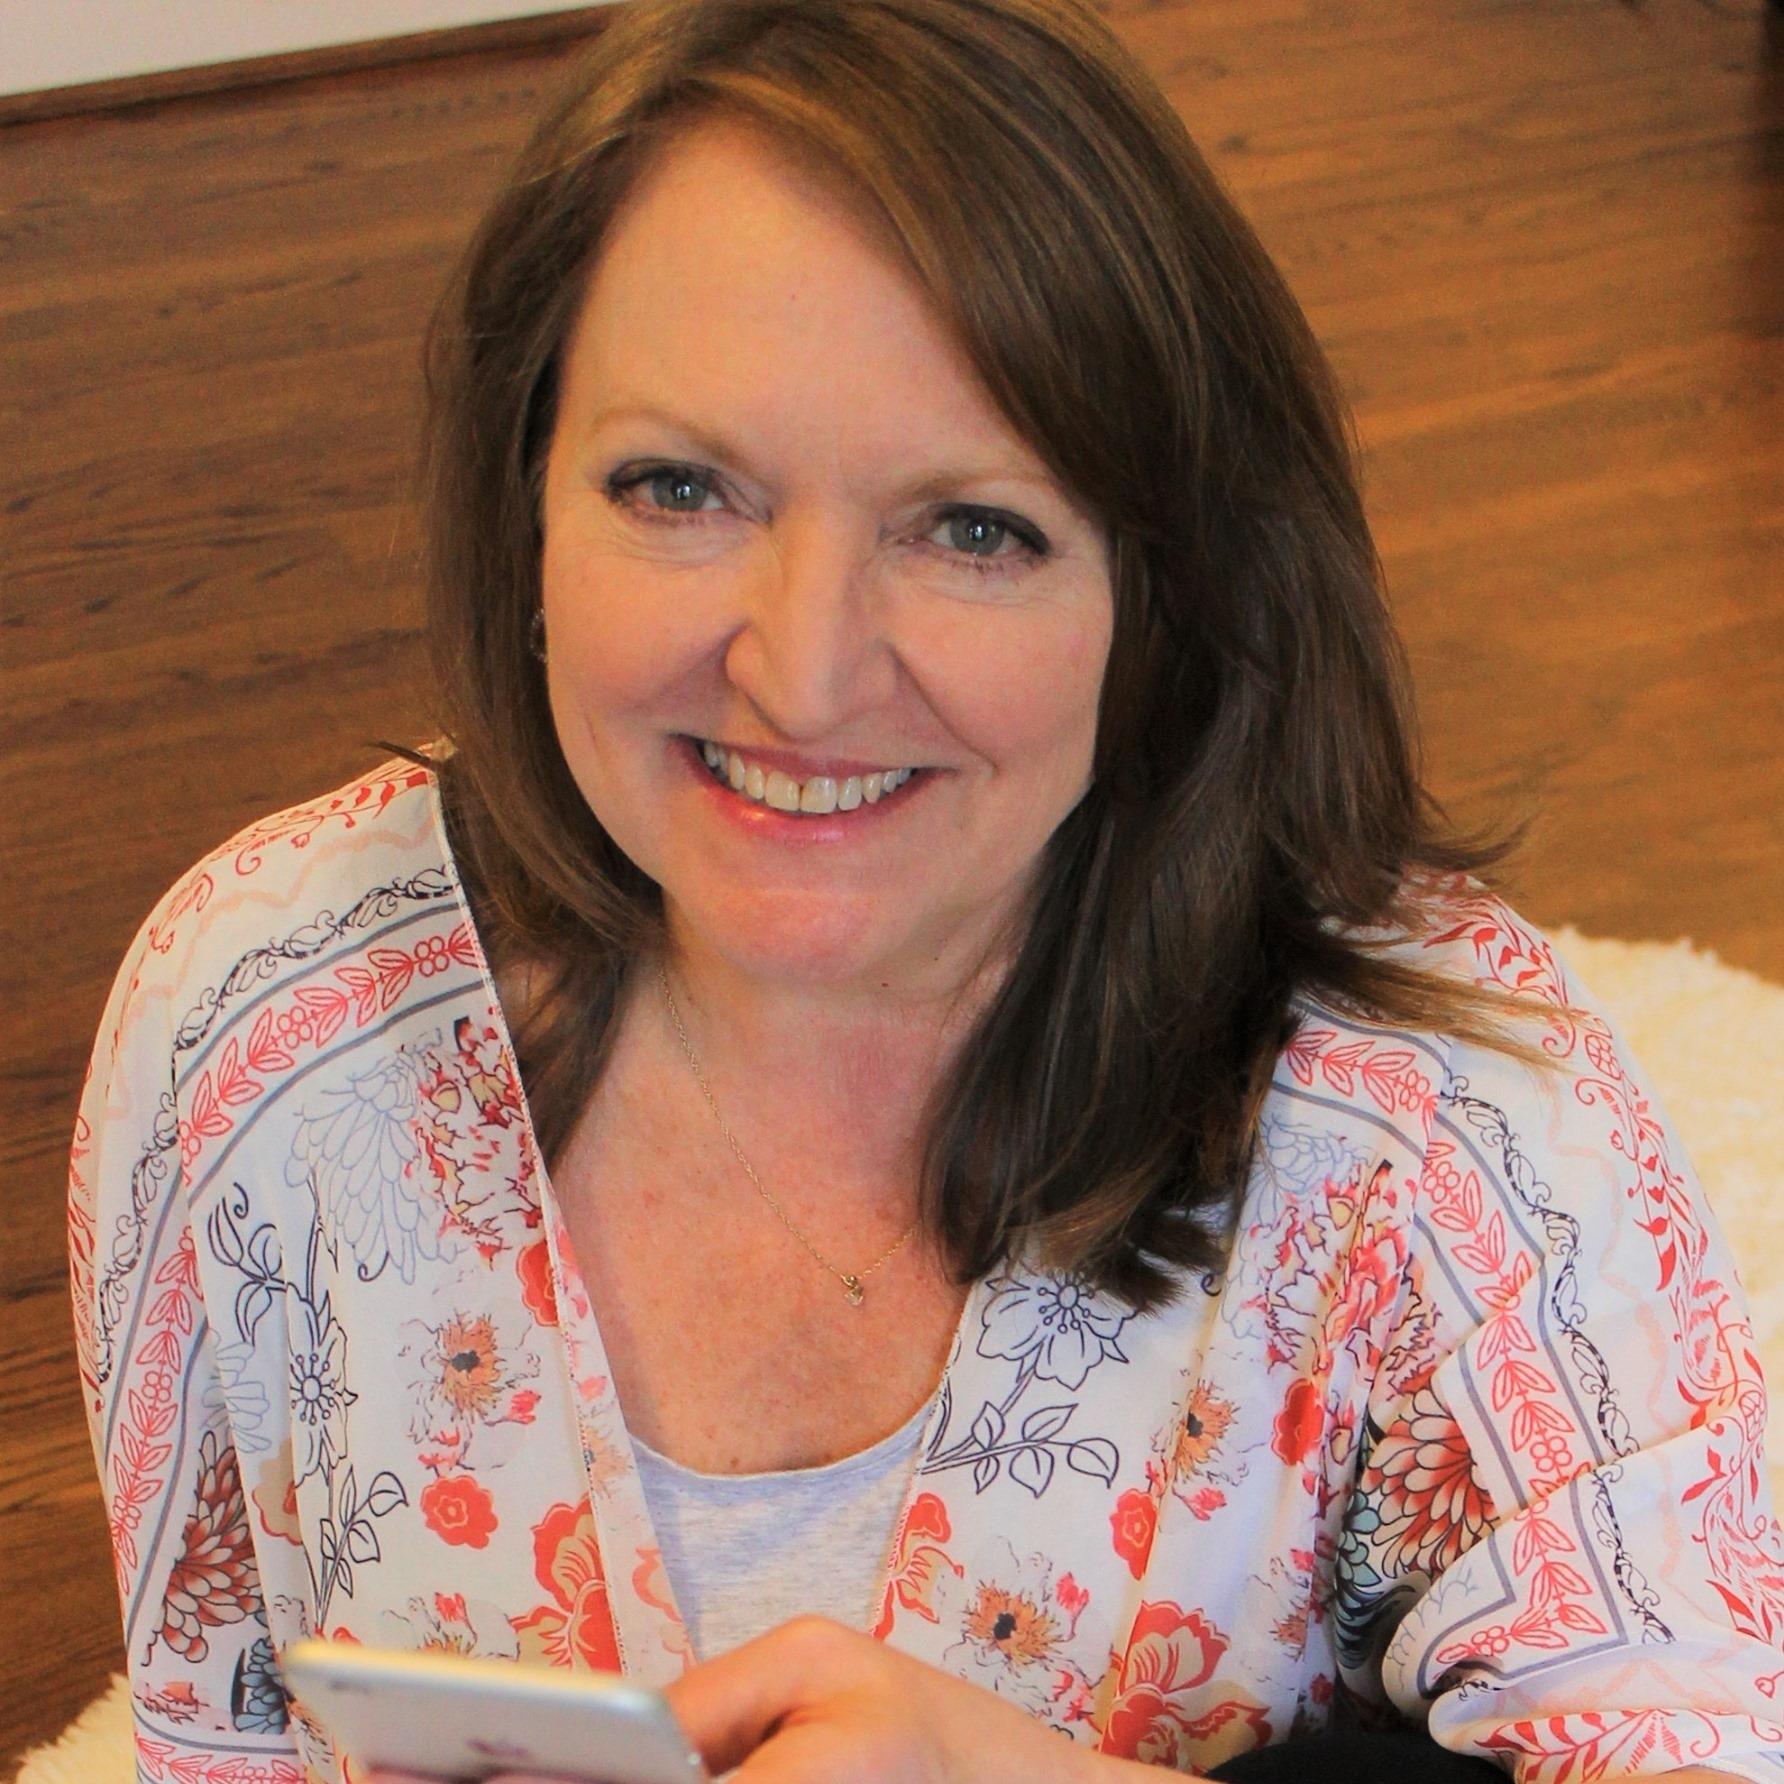 Melanie Diehl